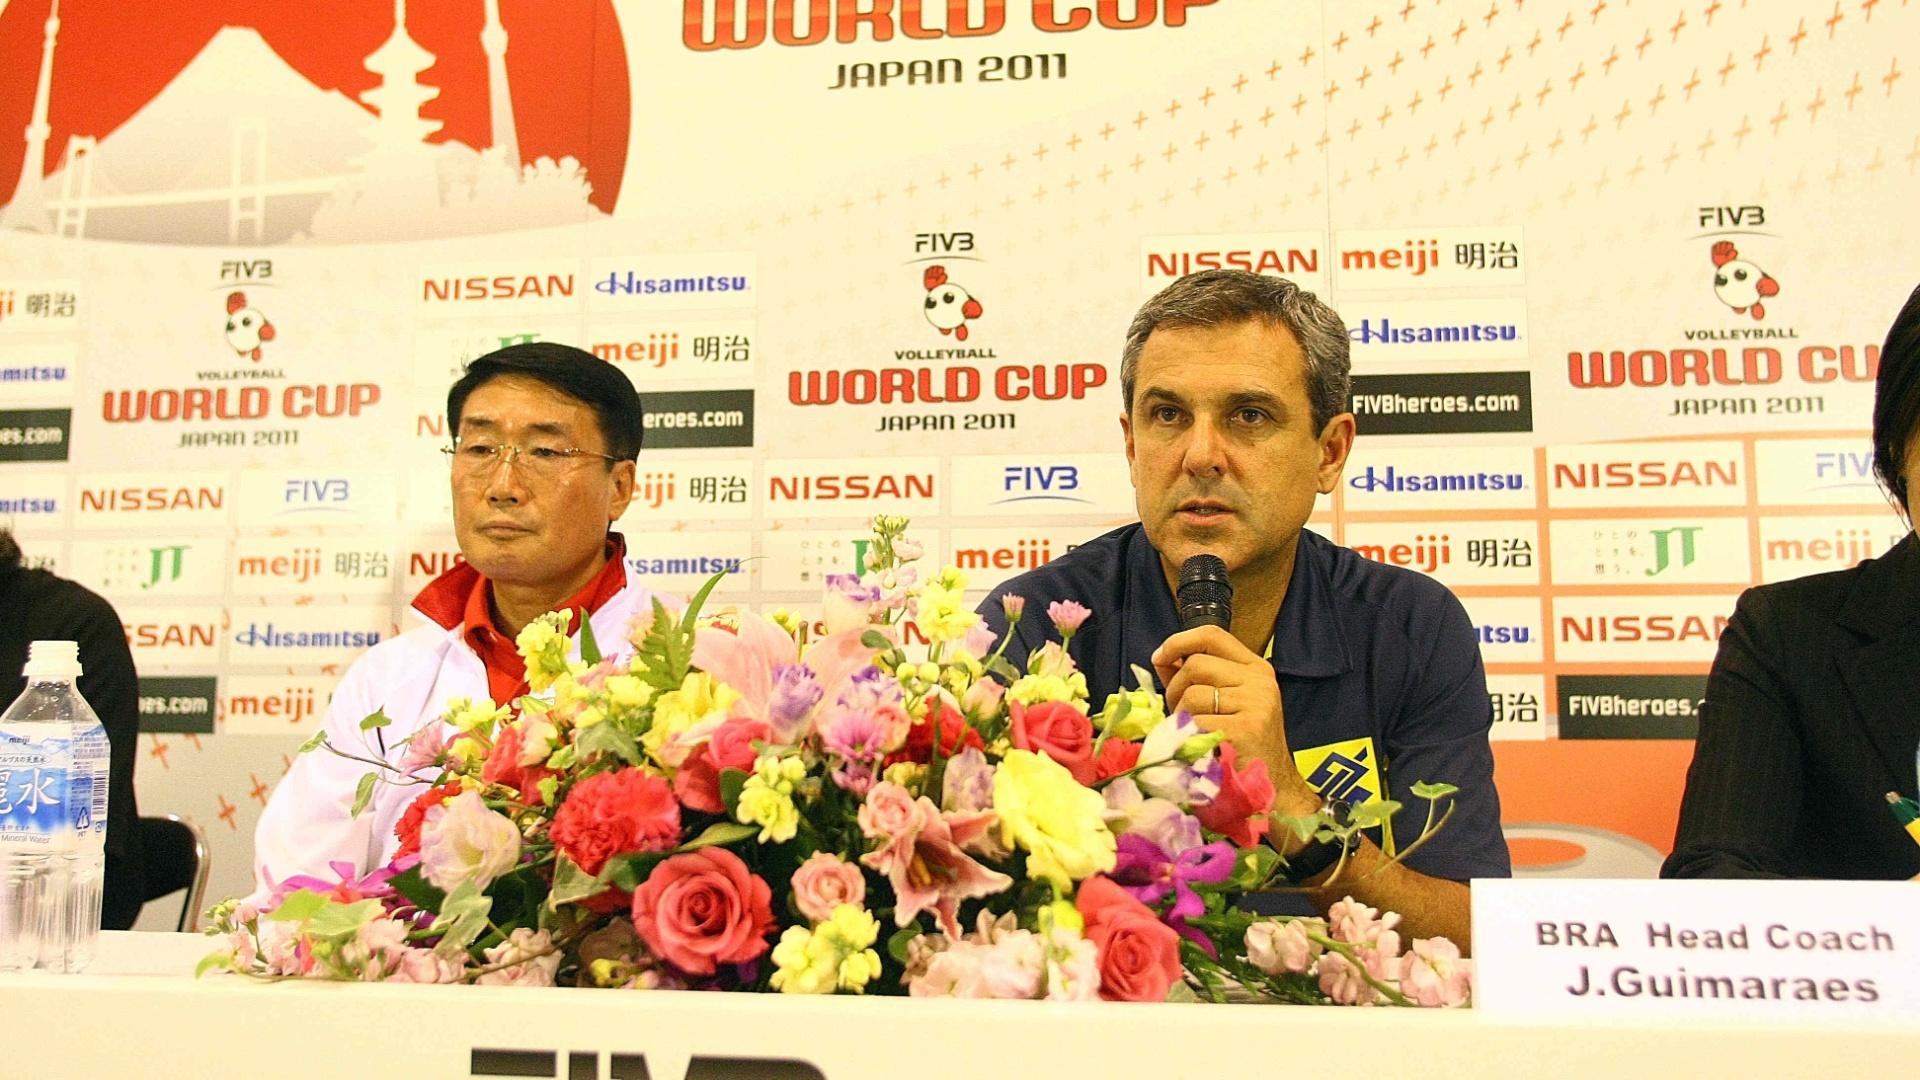 José Roberto Guimarães durante entrevista coletiva após vitória sobre a Coreia do Sul (08/11/2011)